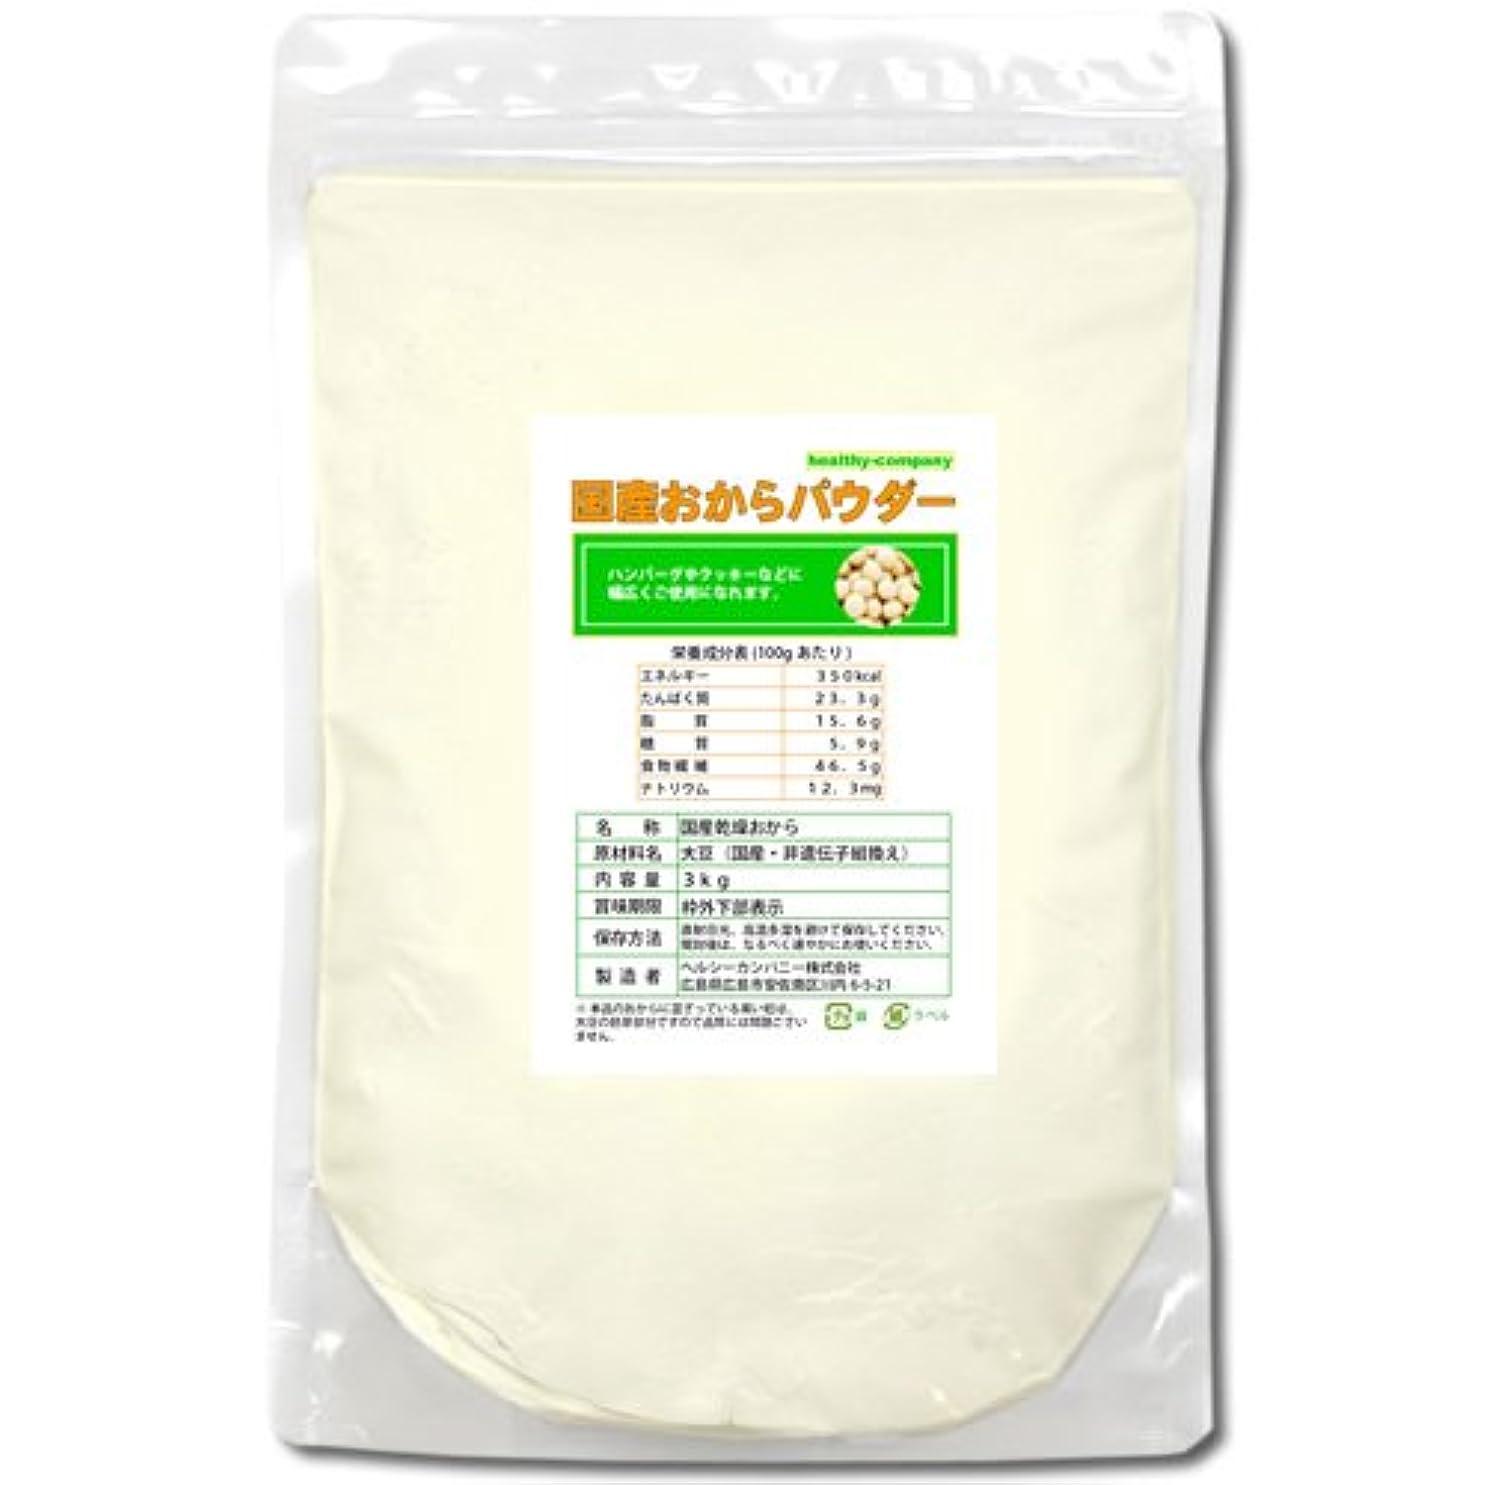 環境保護主義者皮肉解説国産大豆100%おからパウダー3kg(乾燥 粉末 ヘルシーカンパニー)